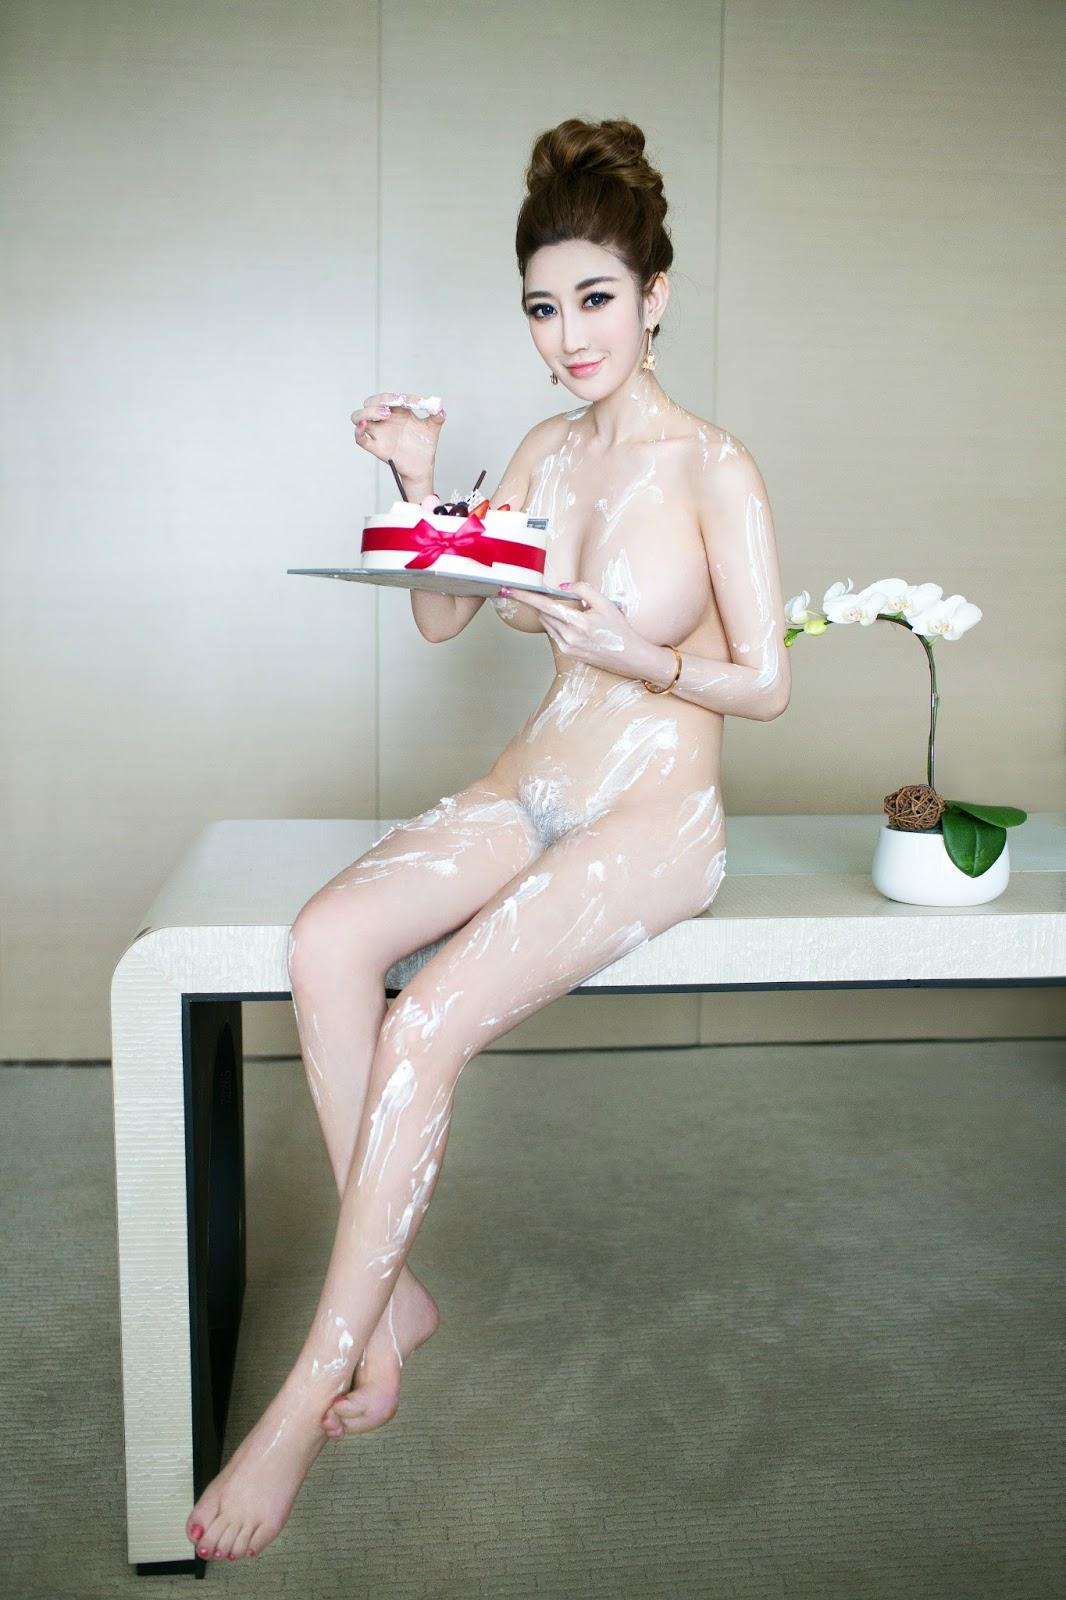 Nude Under 18 Girls